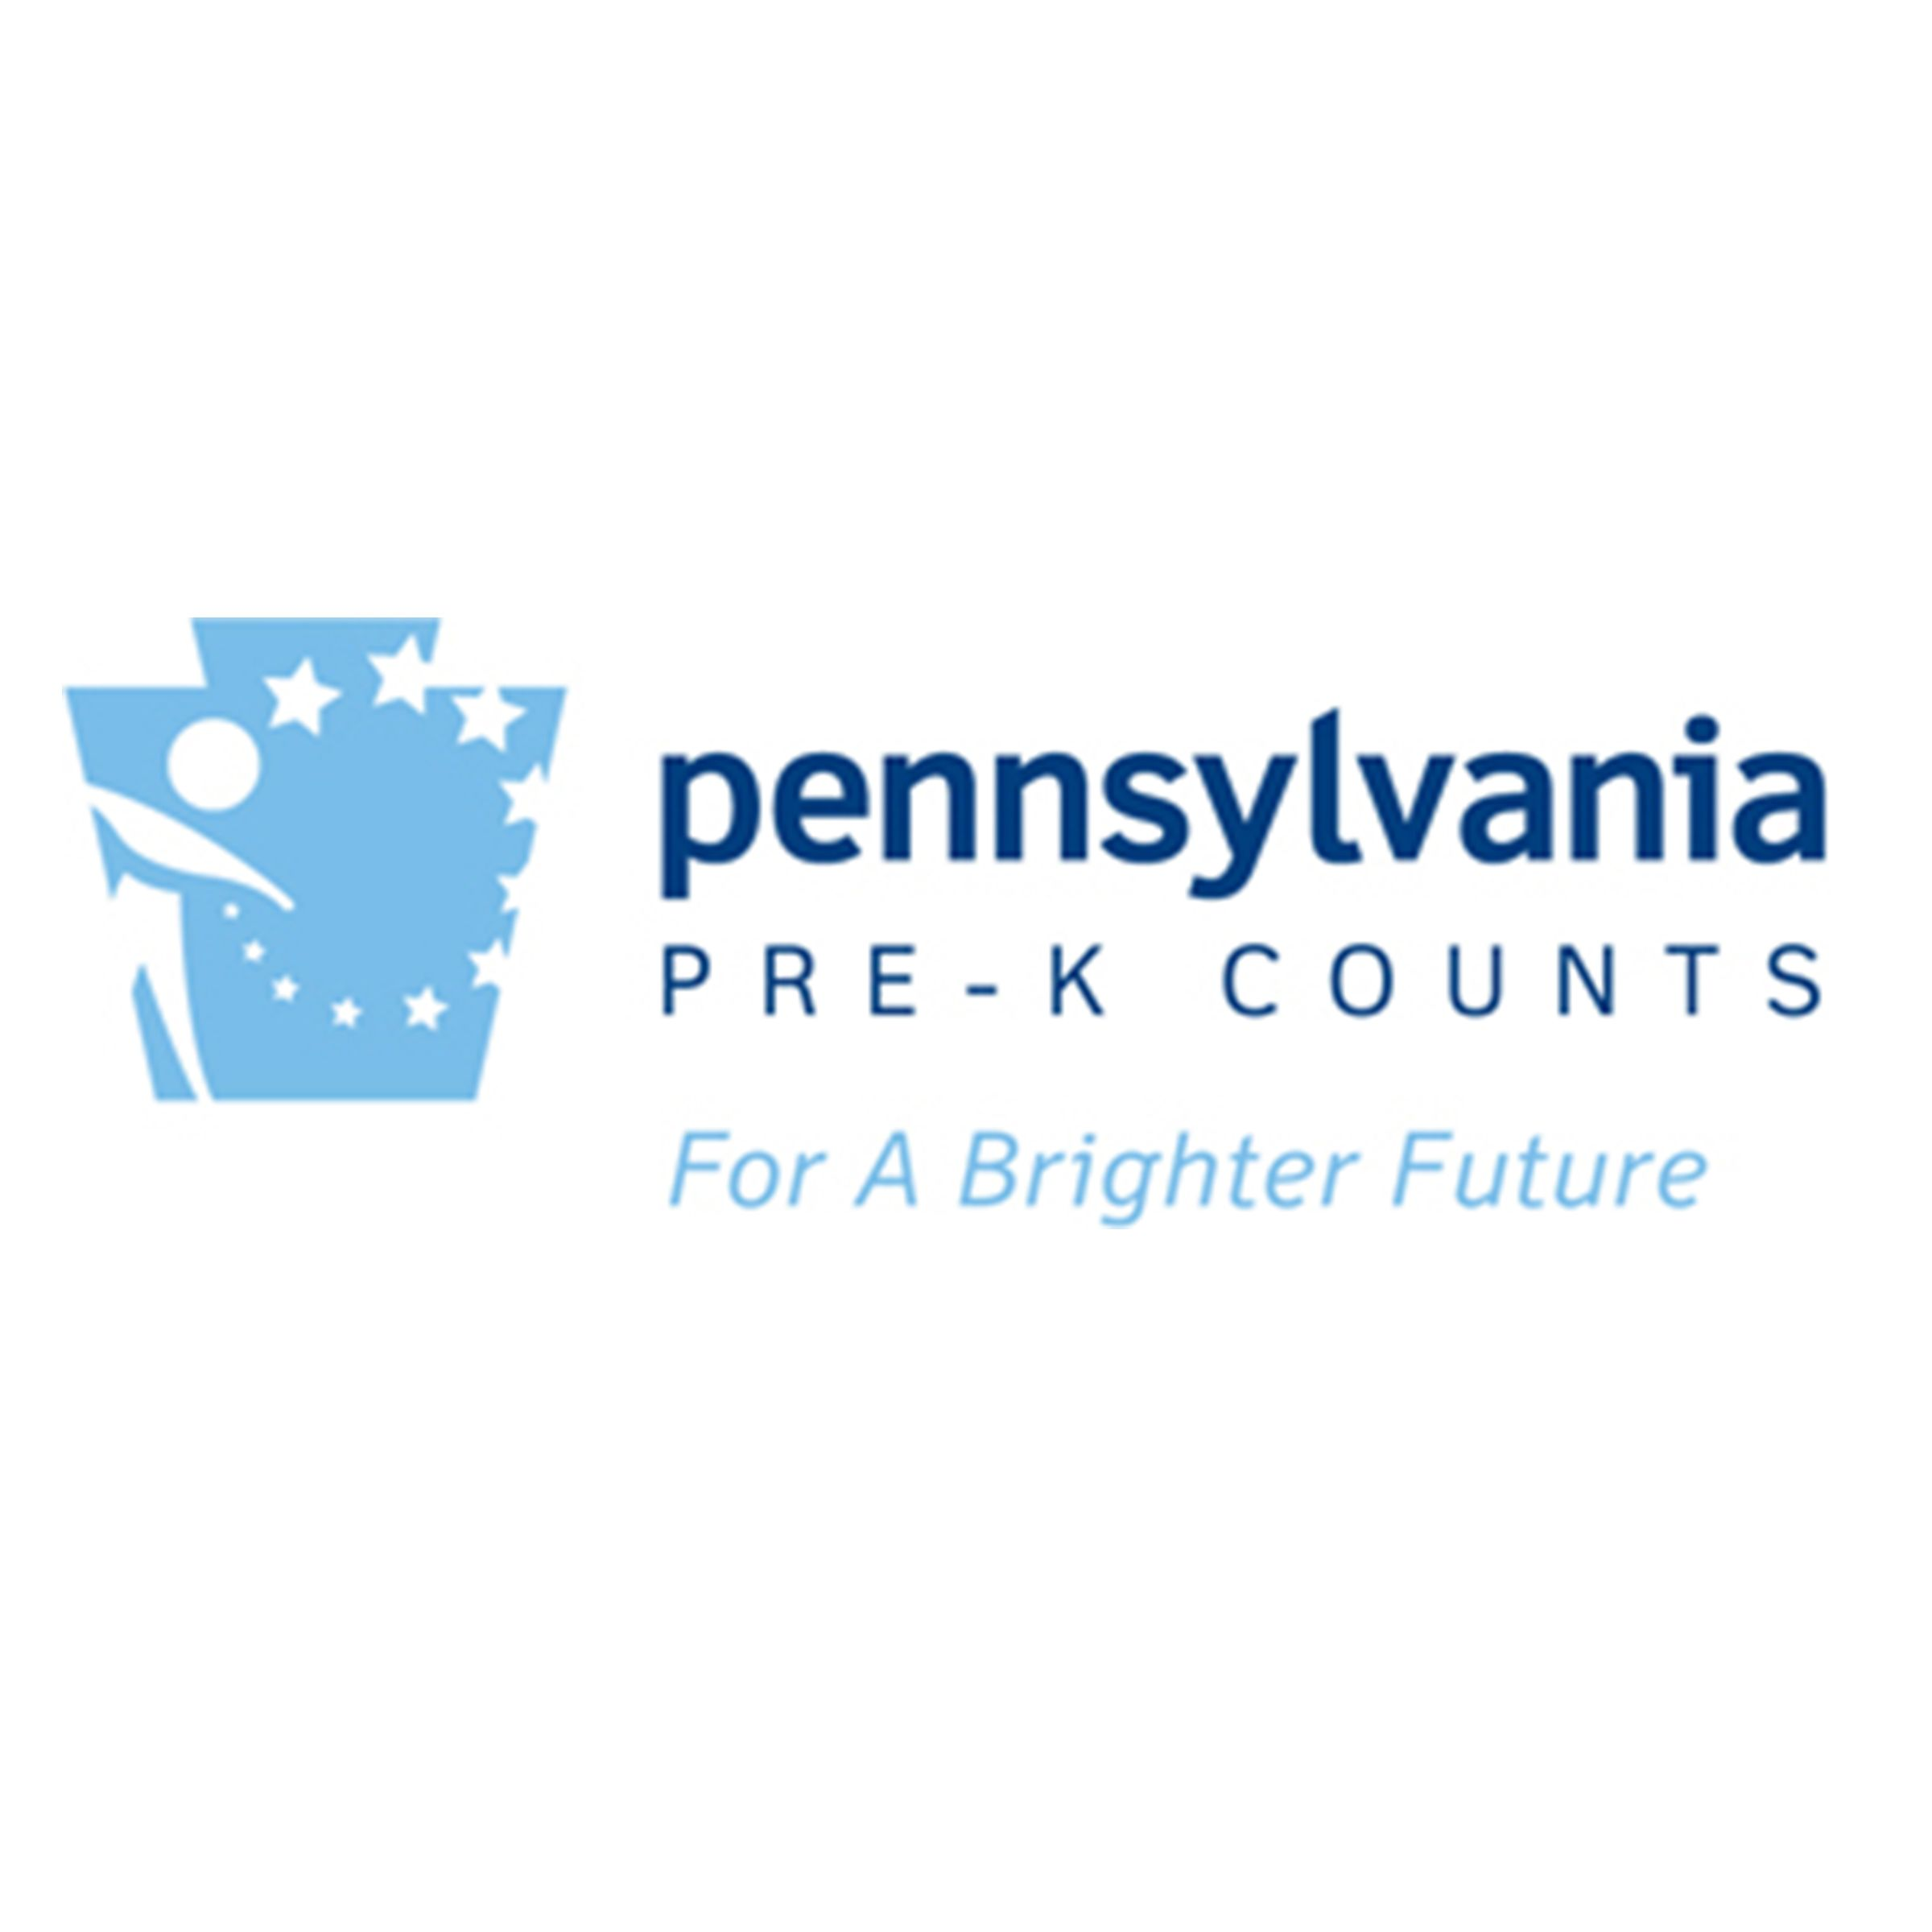 Pre-K Counts